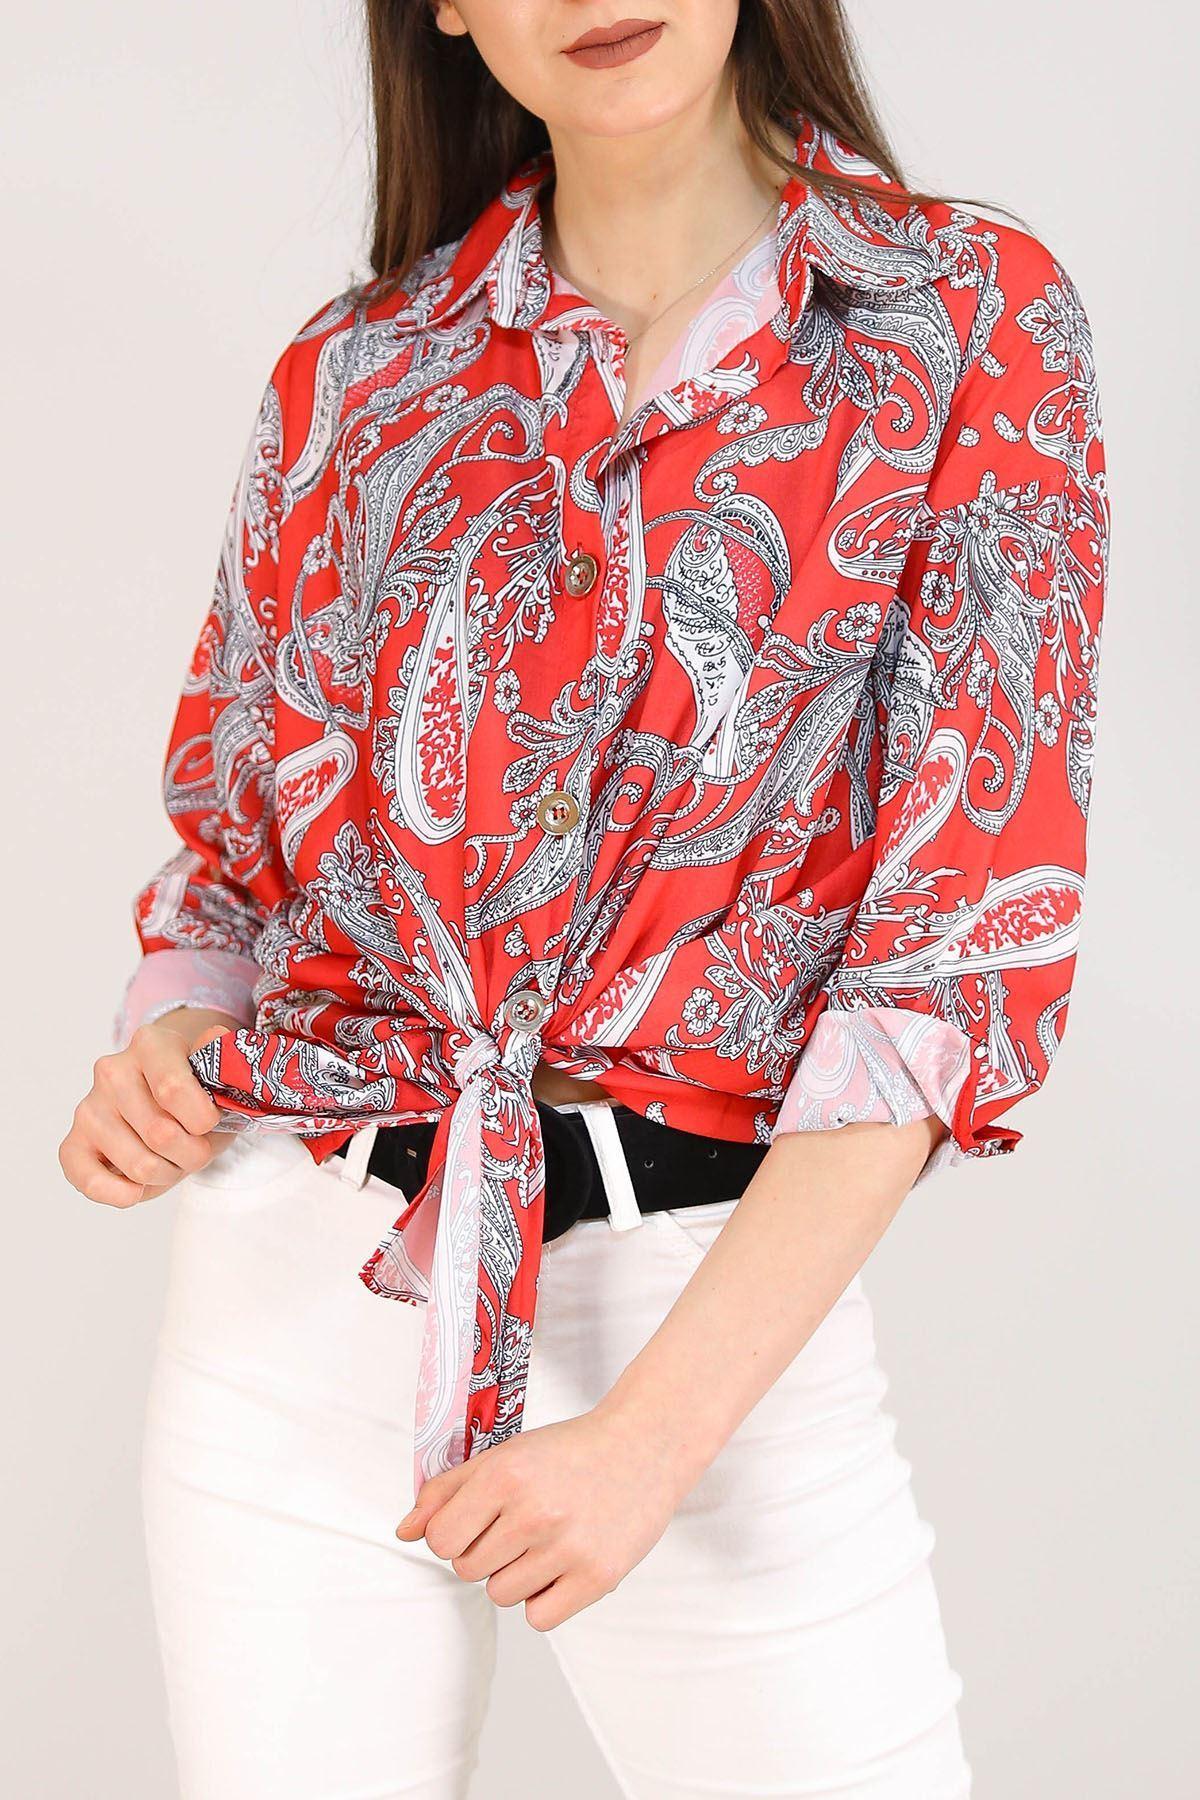 Baskılı Gömlek Kırmızı - 2732.1292.